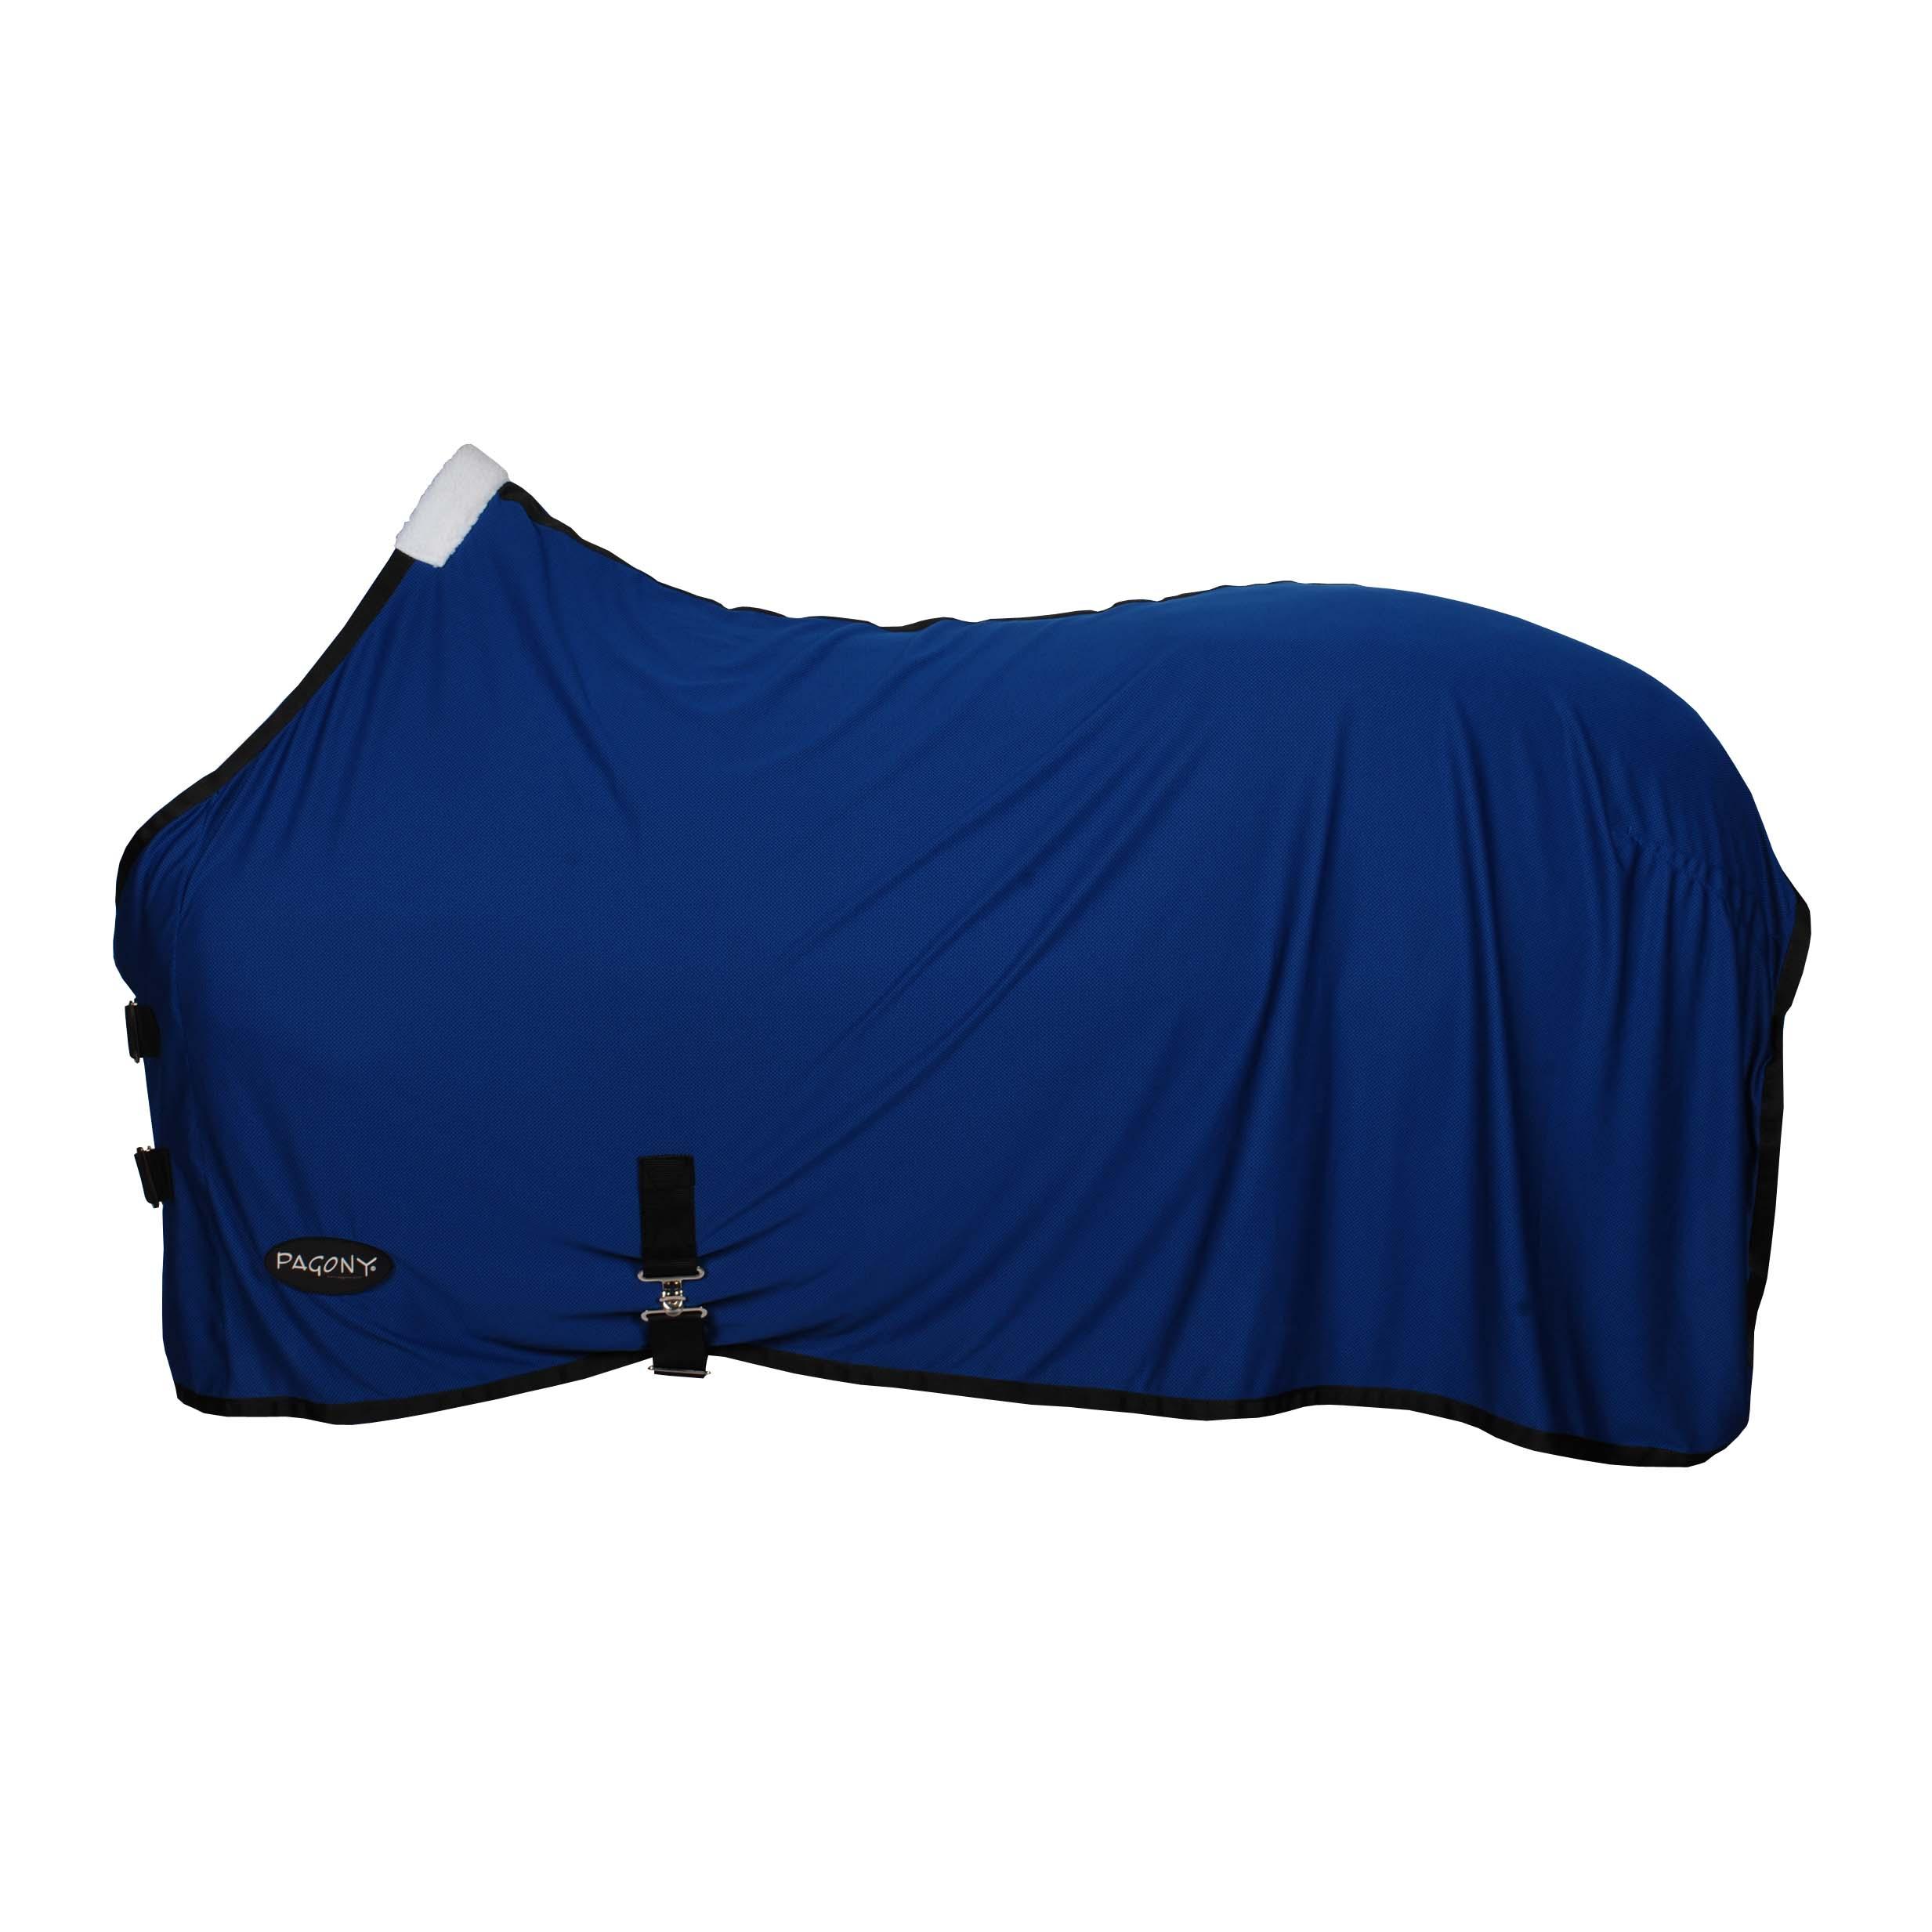 Pagony Cooler deken kobalt maat:215